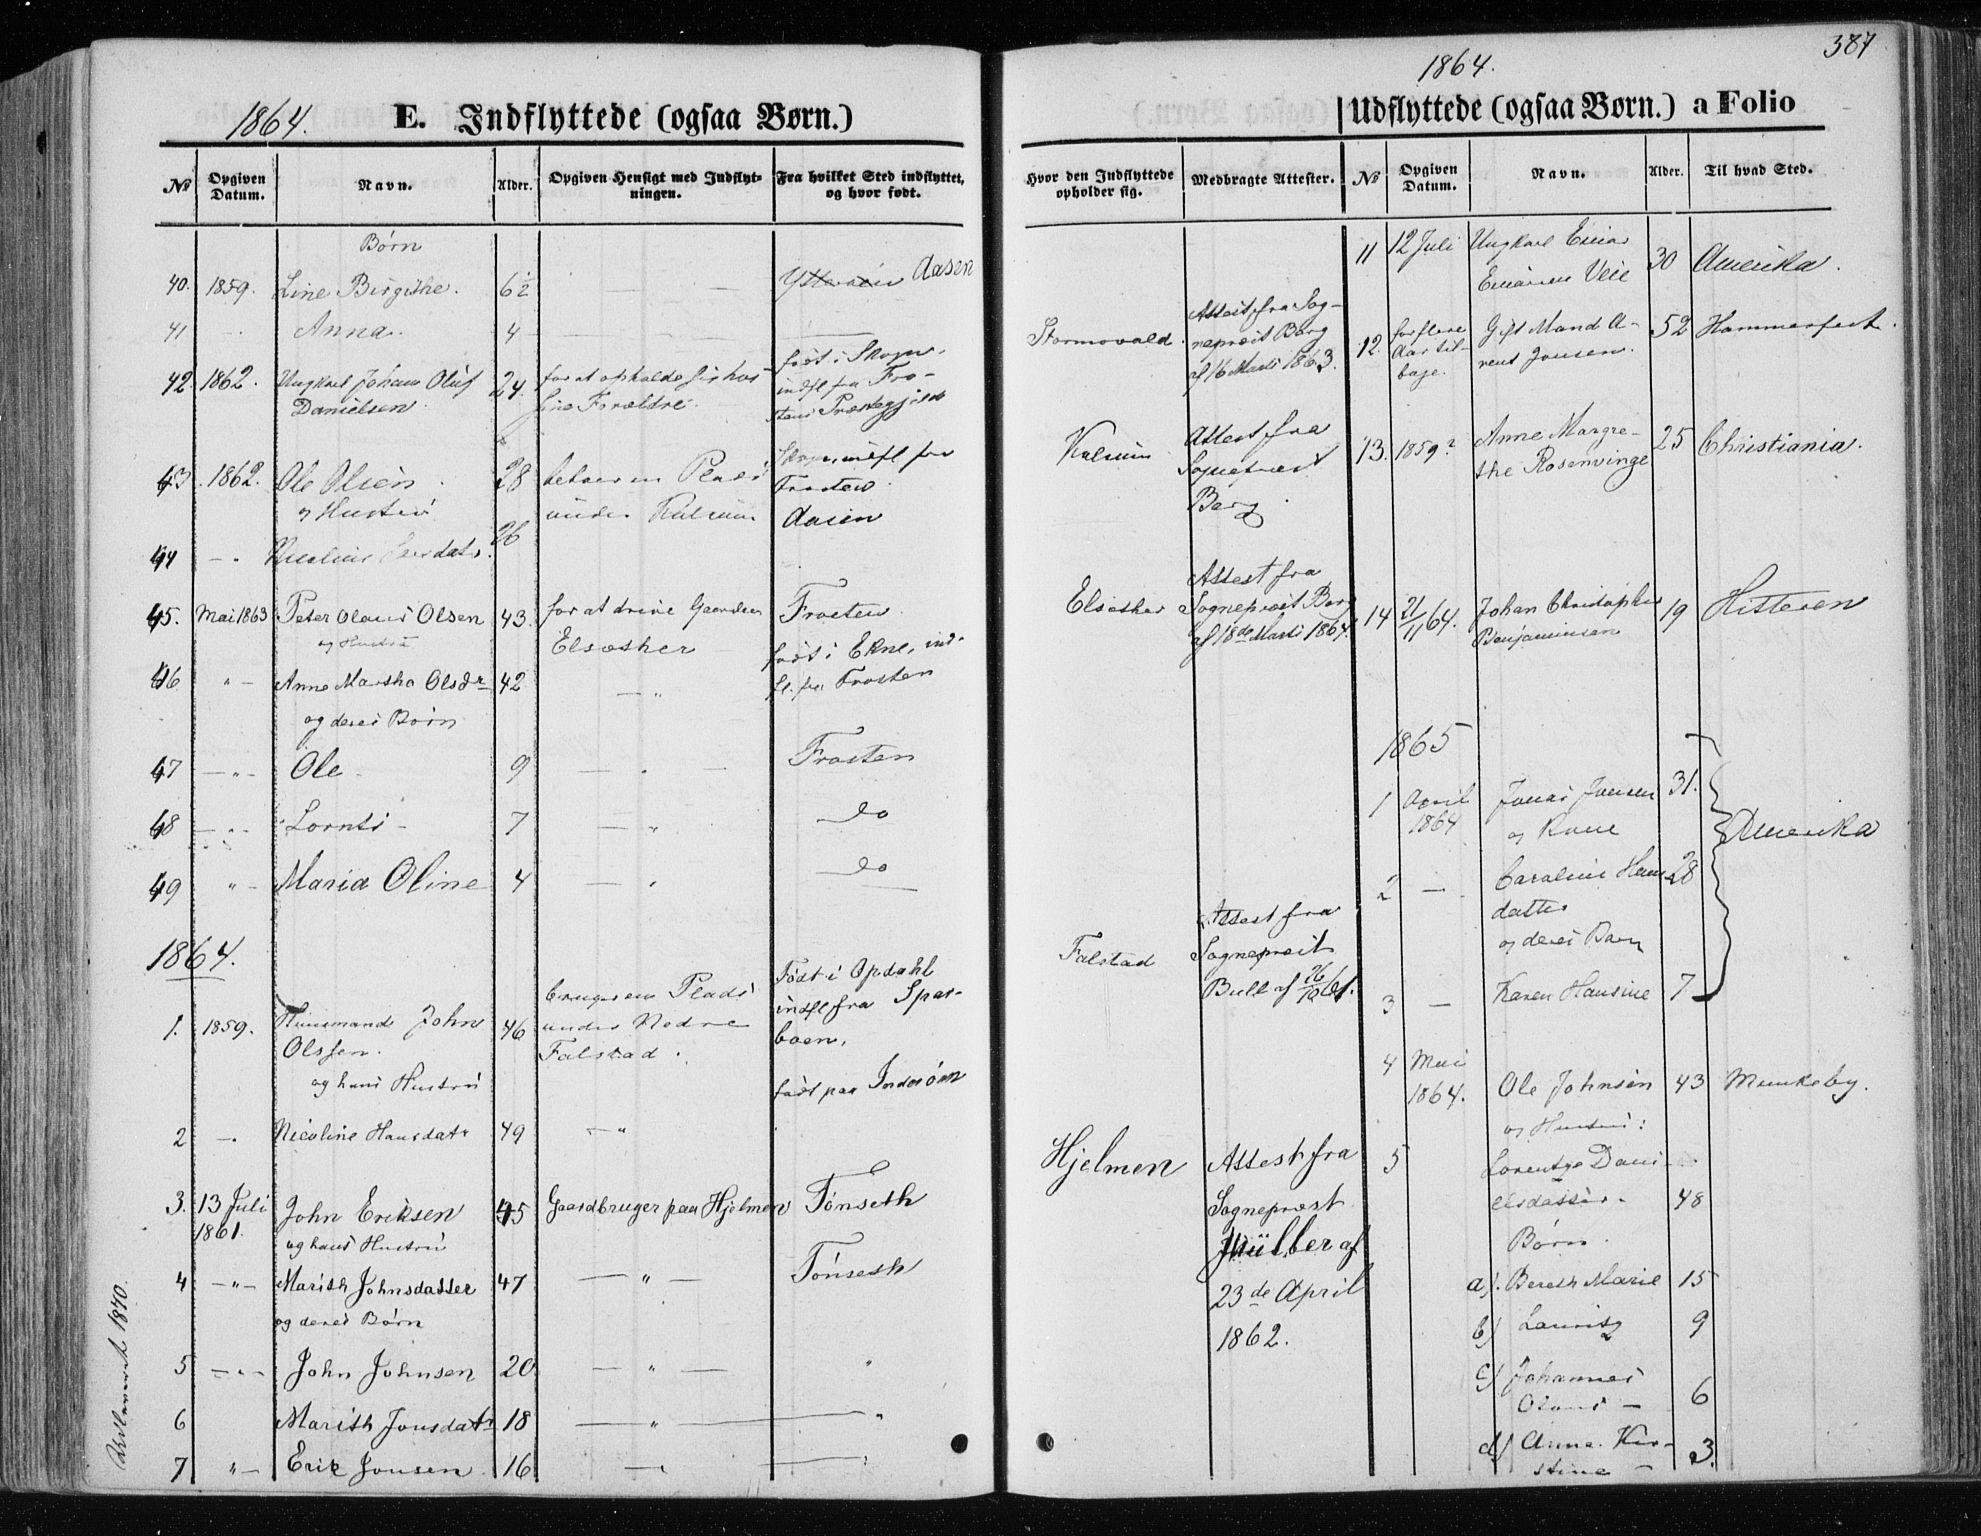 SAT, Ministerialprotokoller, klokkerbøker og fødselsregistre - Nord-Trøndelag, 717/L0157: Ministerialbok nr. 717A08 /1, 1863-1877, s. 387